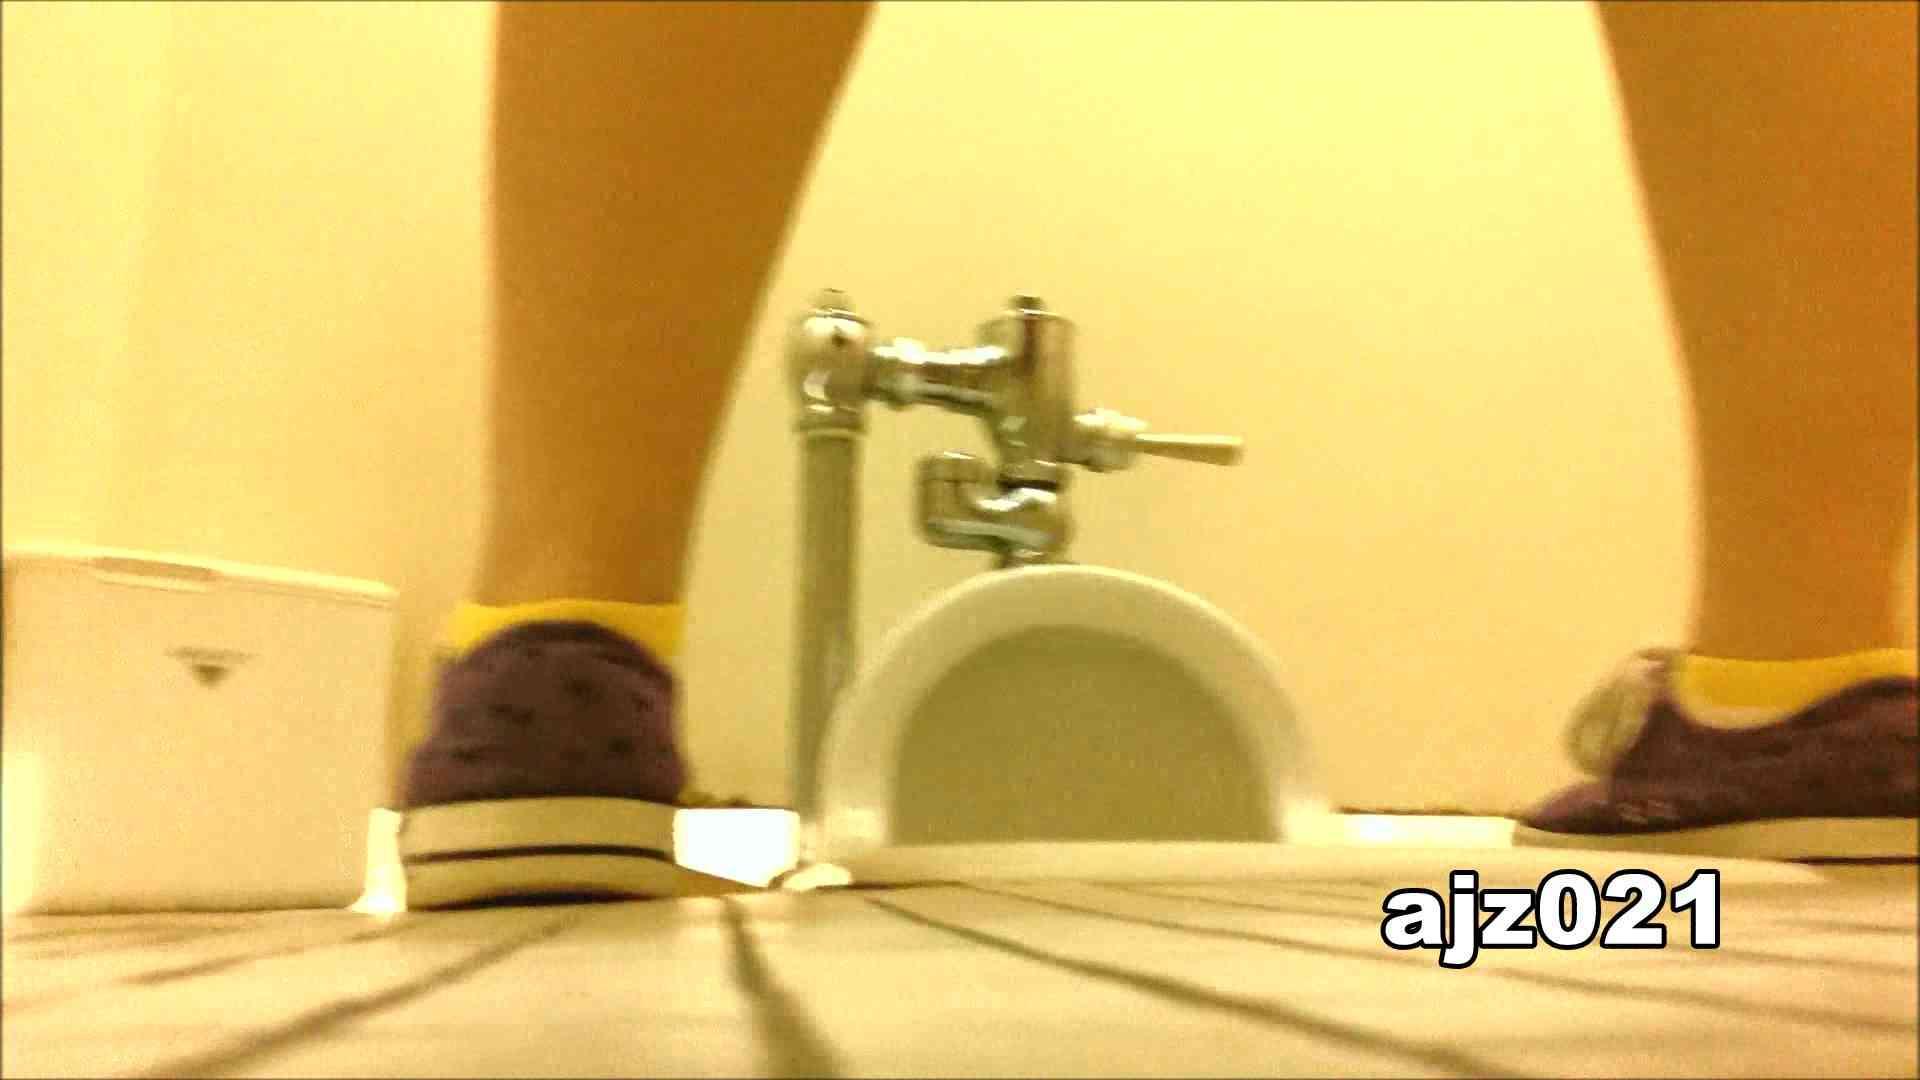 某有名大学女性洗面所 vol.21 潜入 隠し撮りオマンコ動画紹介 80PIX 45